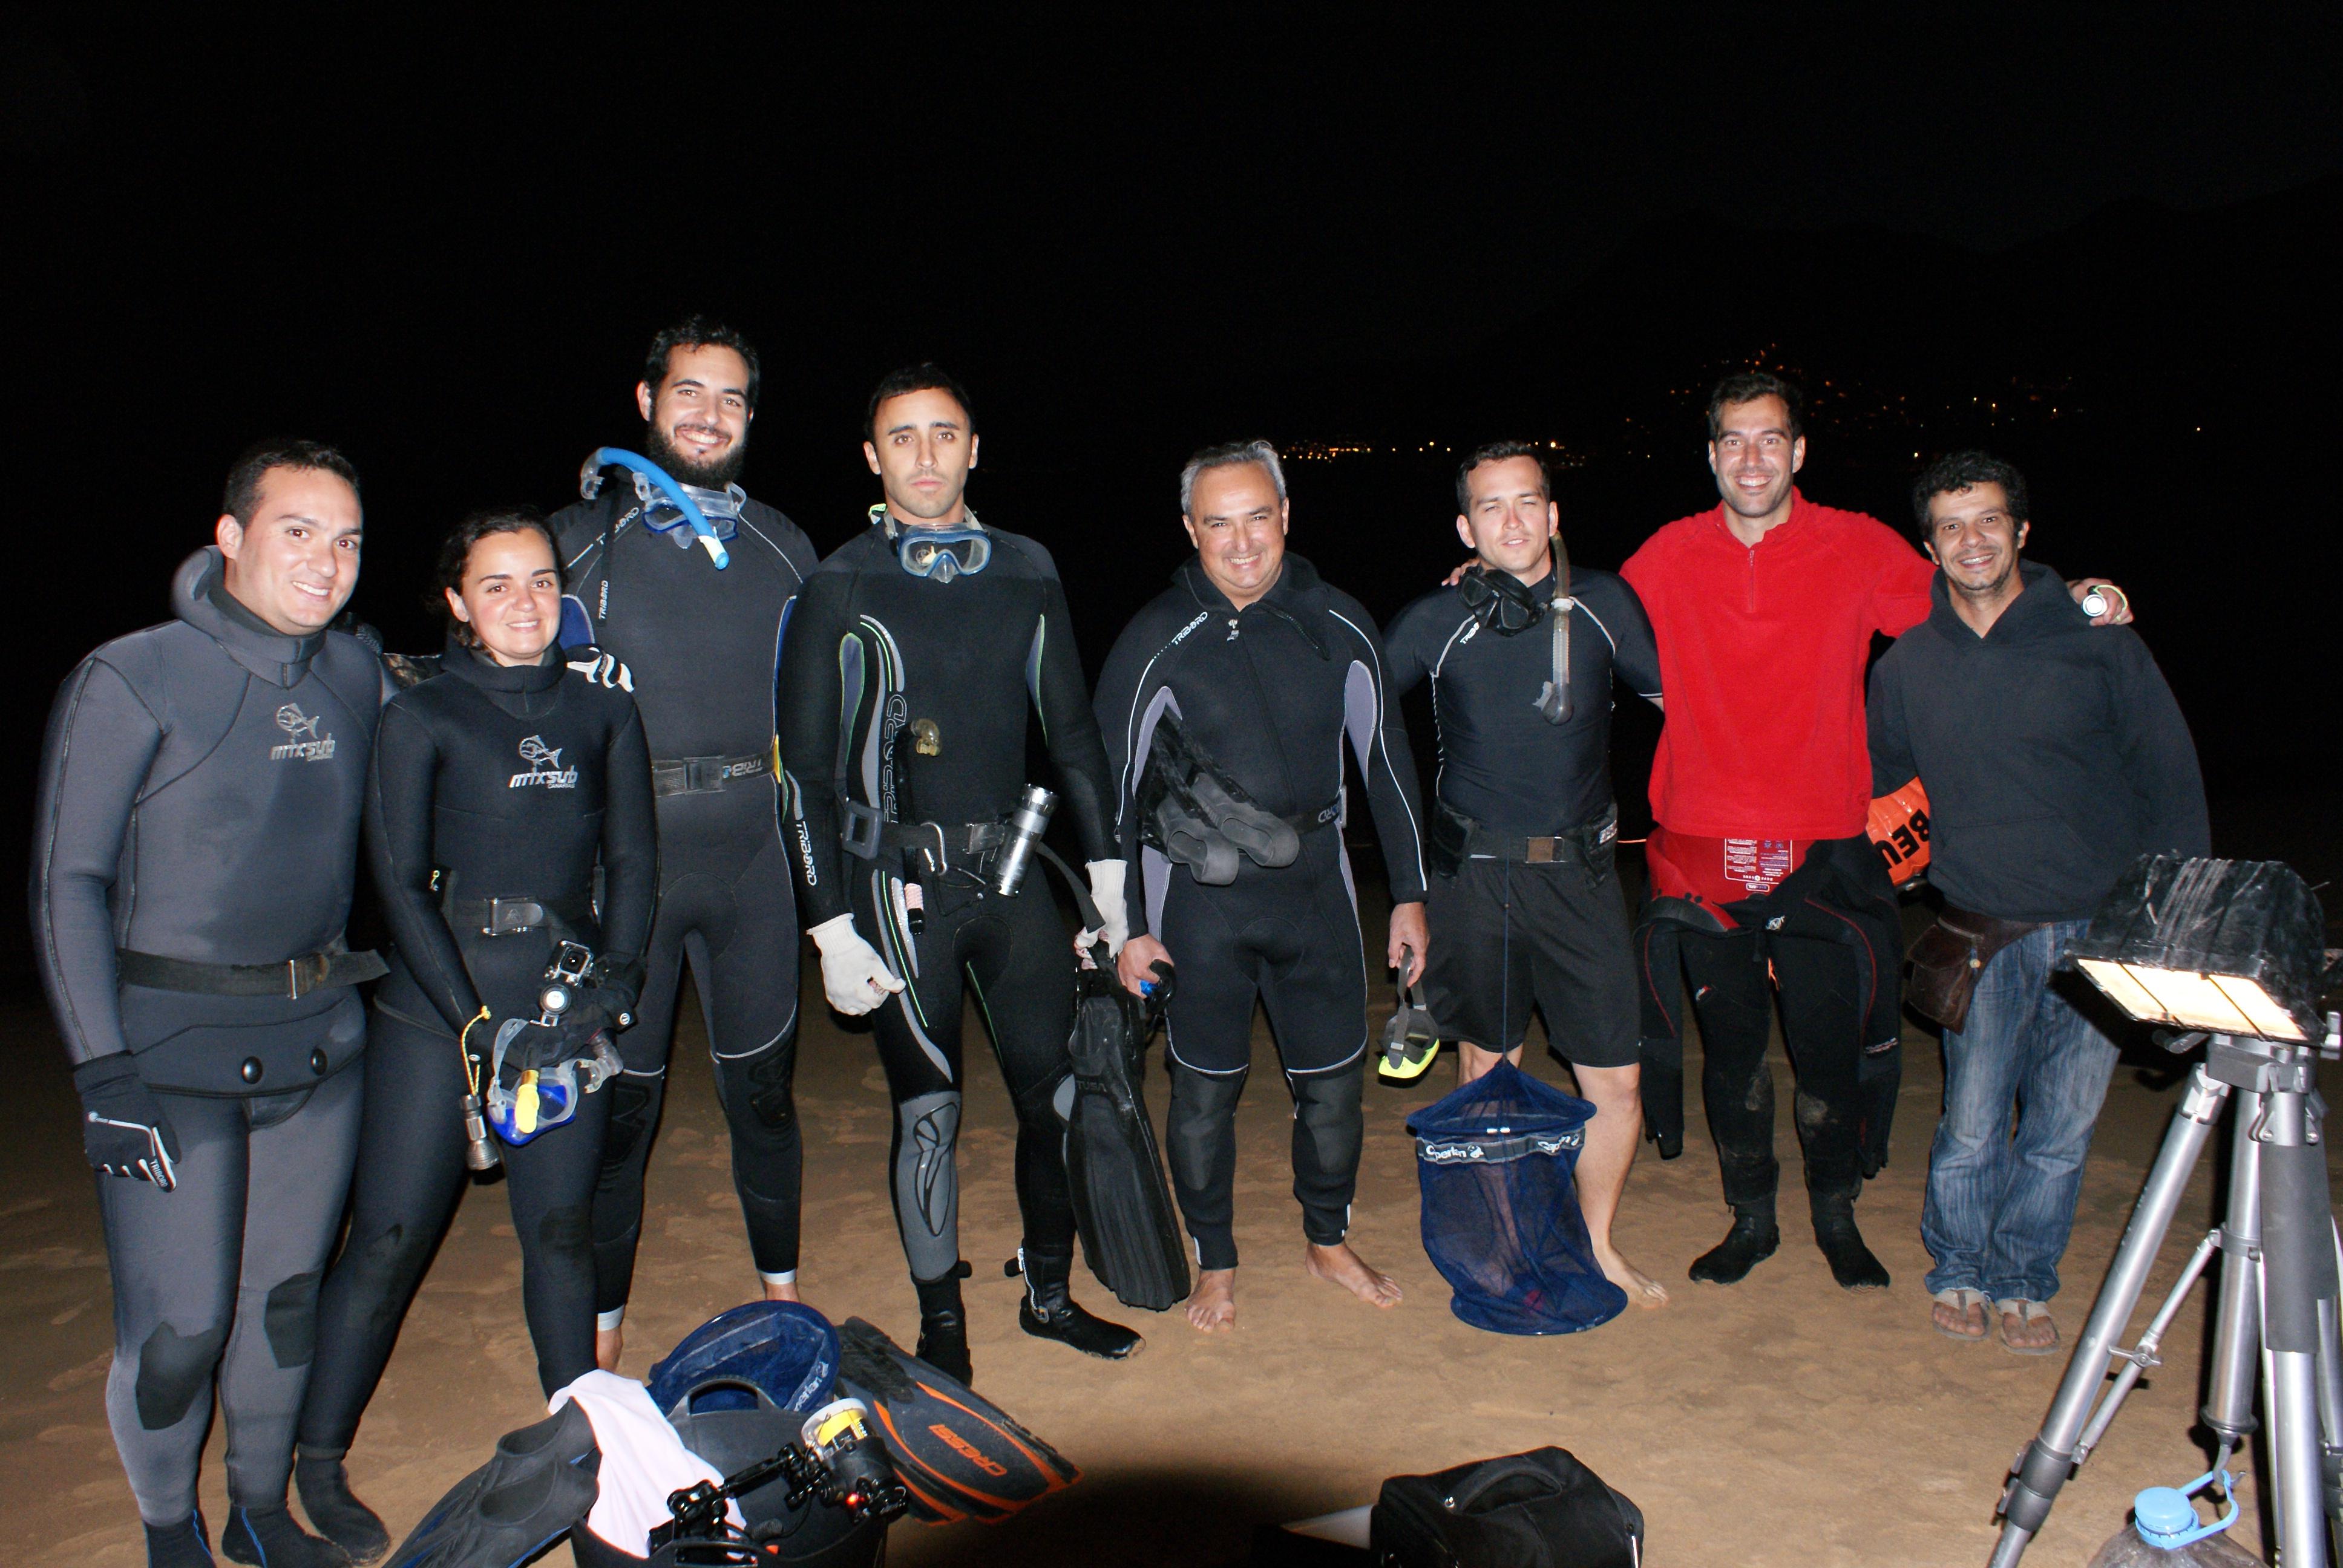 Volunteer tagging team in Las Teresitas getting ready to find angel sharks.